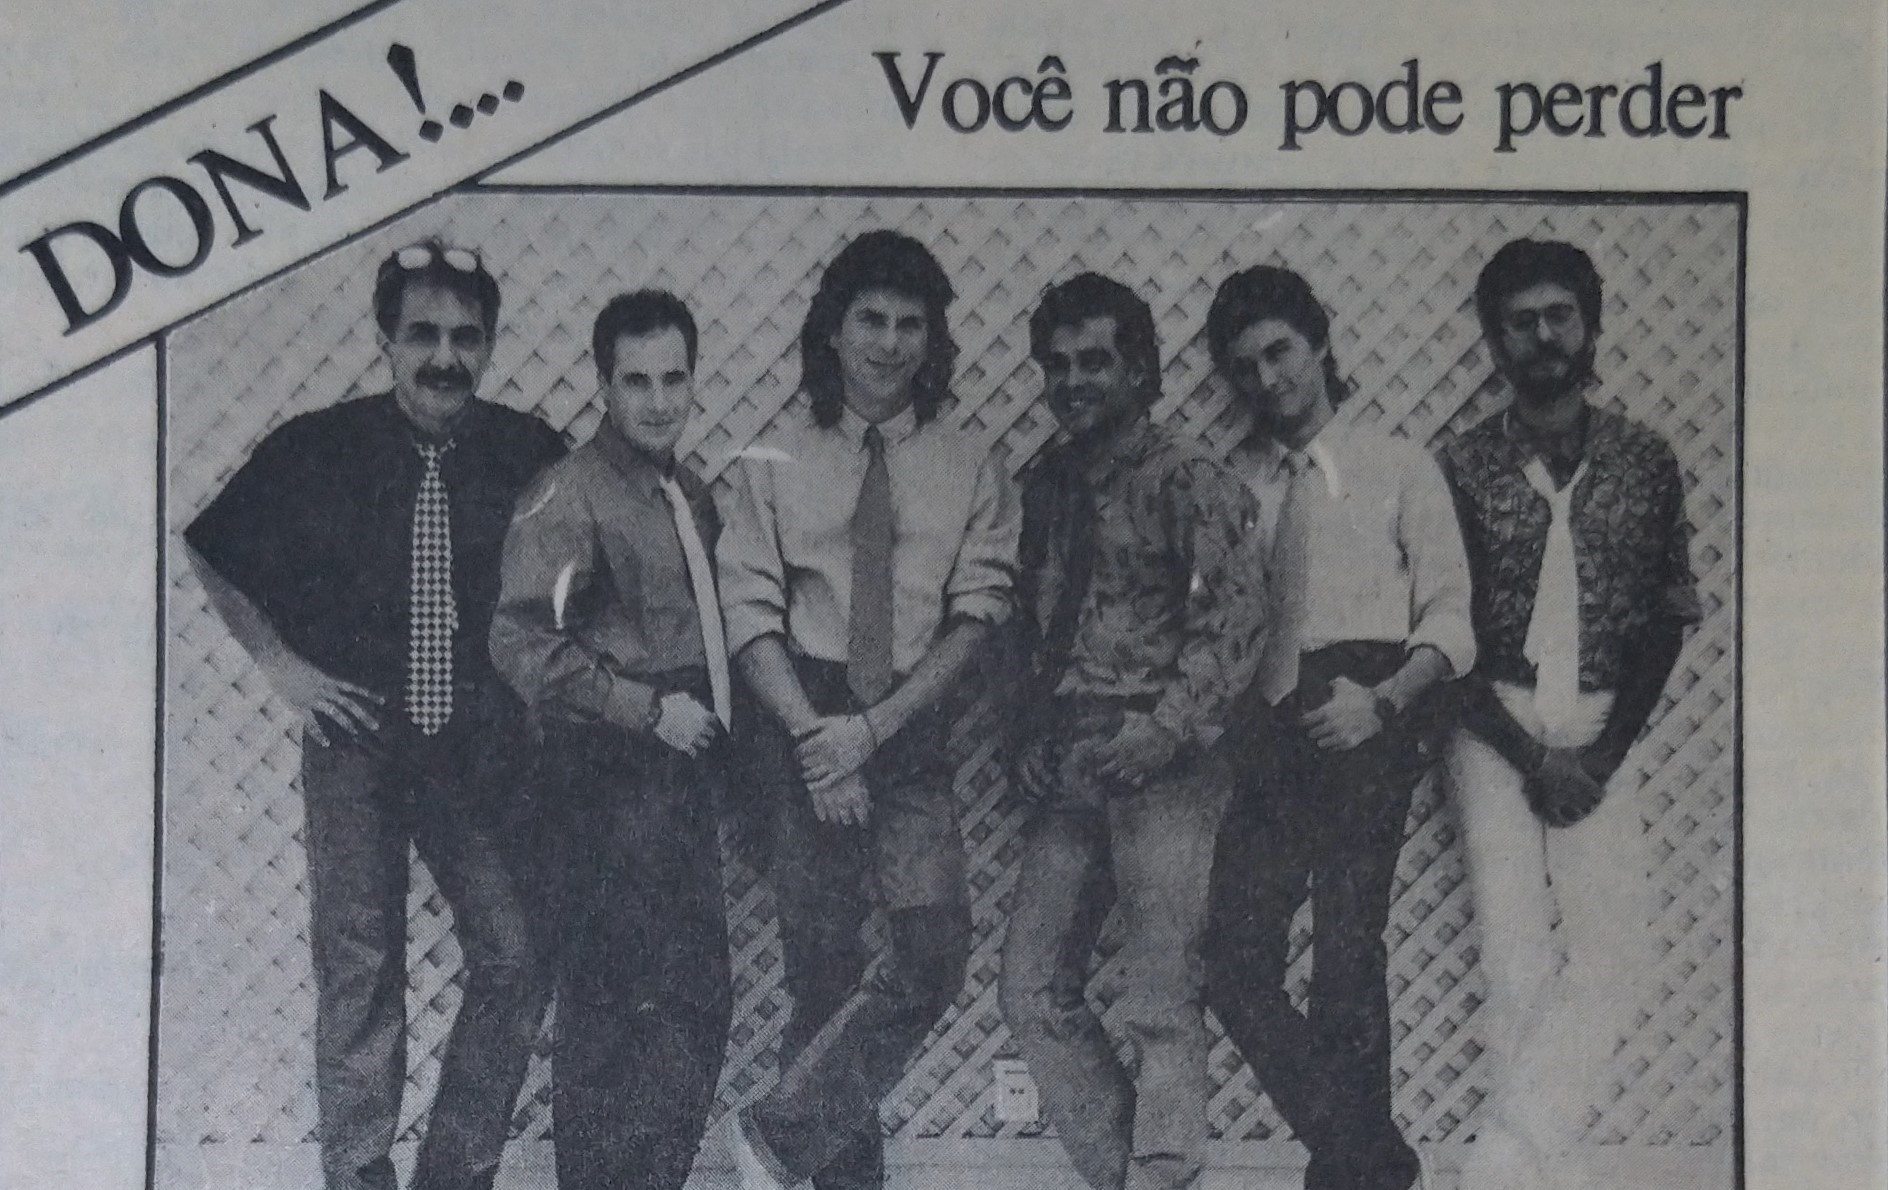 Roupa Nova no Chico Netto - 1985